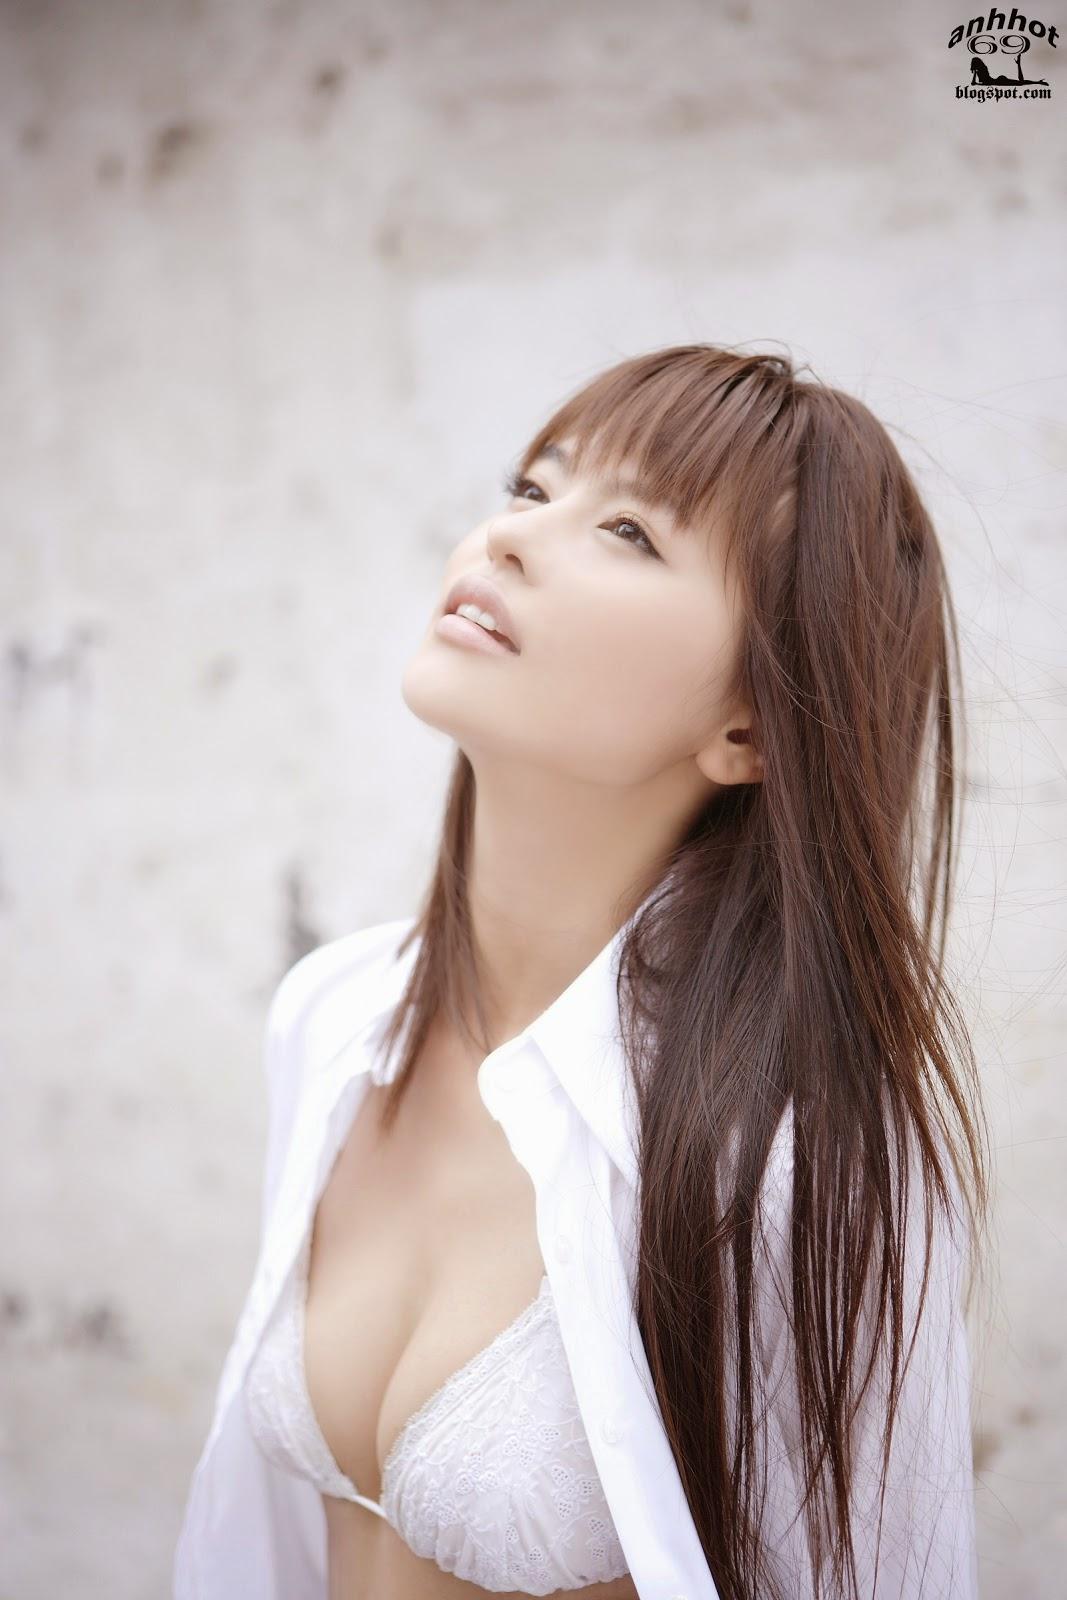 yuriko-shiratori-00499786